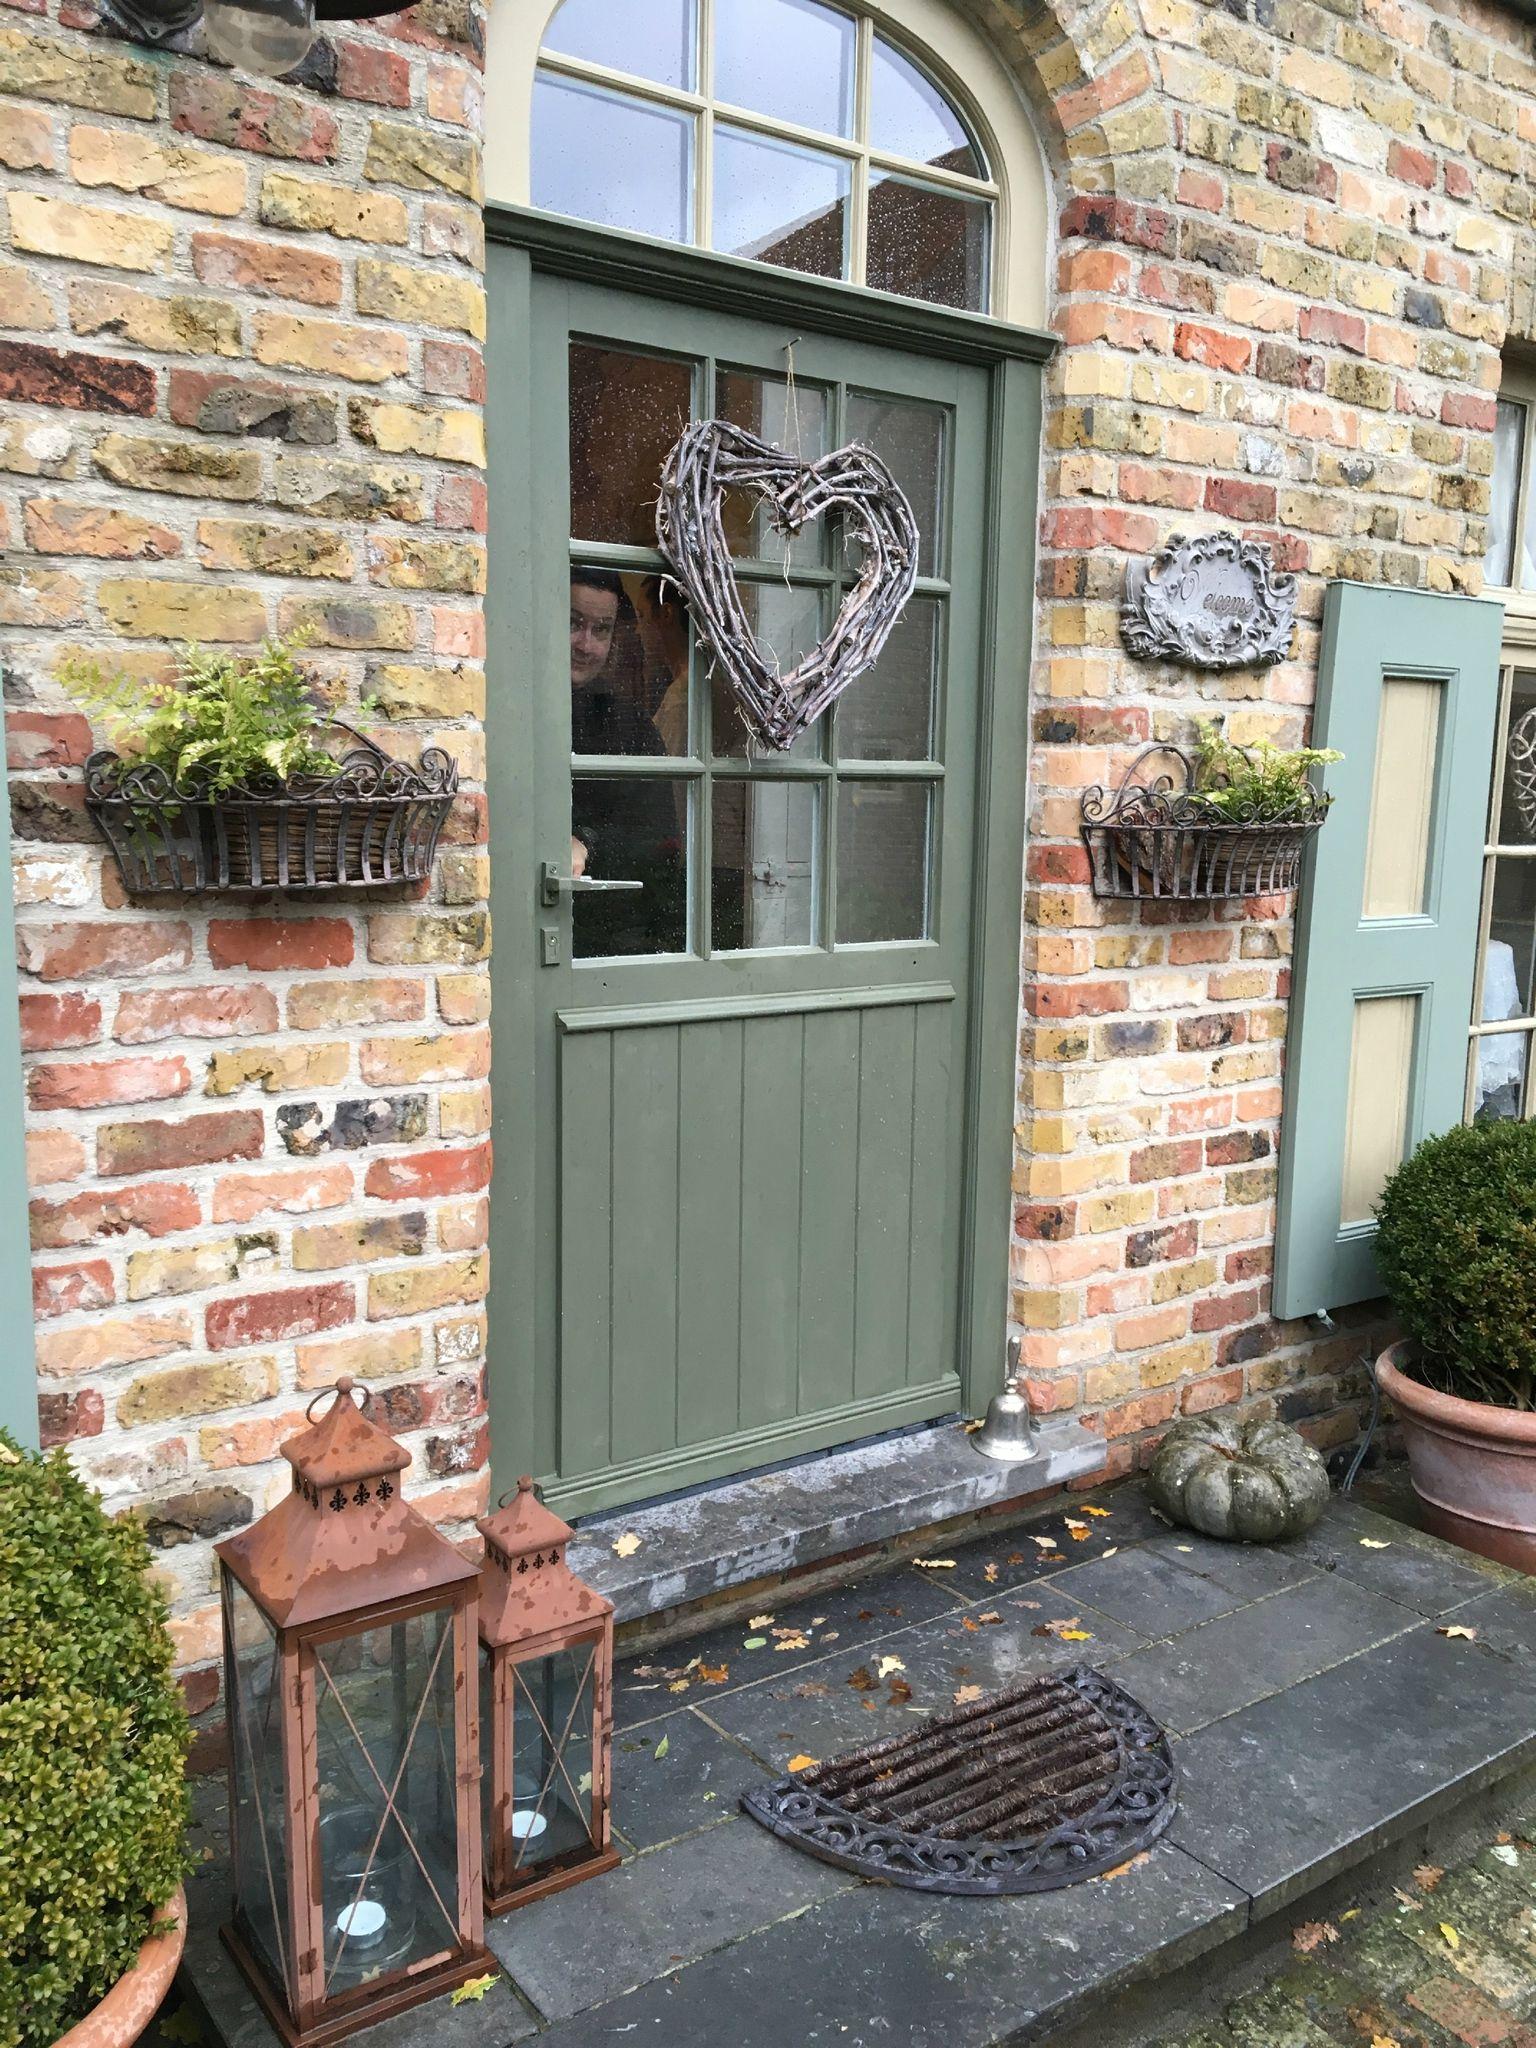 Loverlij chambres d 39 h tes de charme et jardin somptueux jabbeke pr s de bruge belgique - Chambre d hotes bruxelles ...